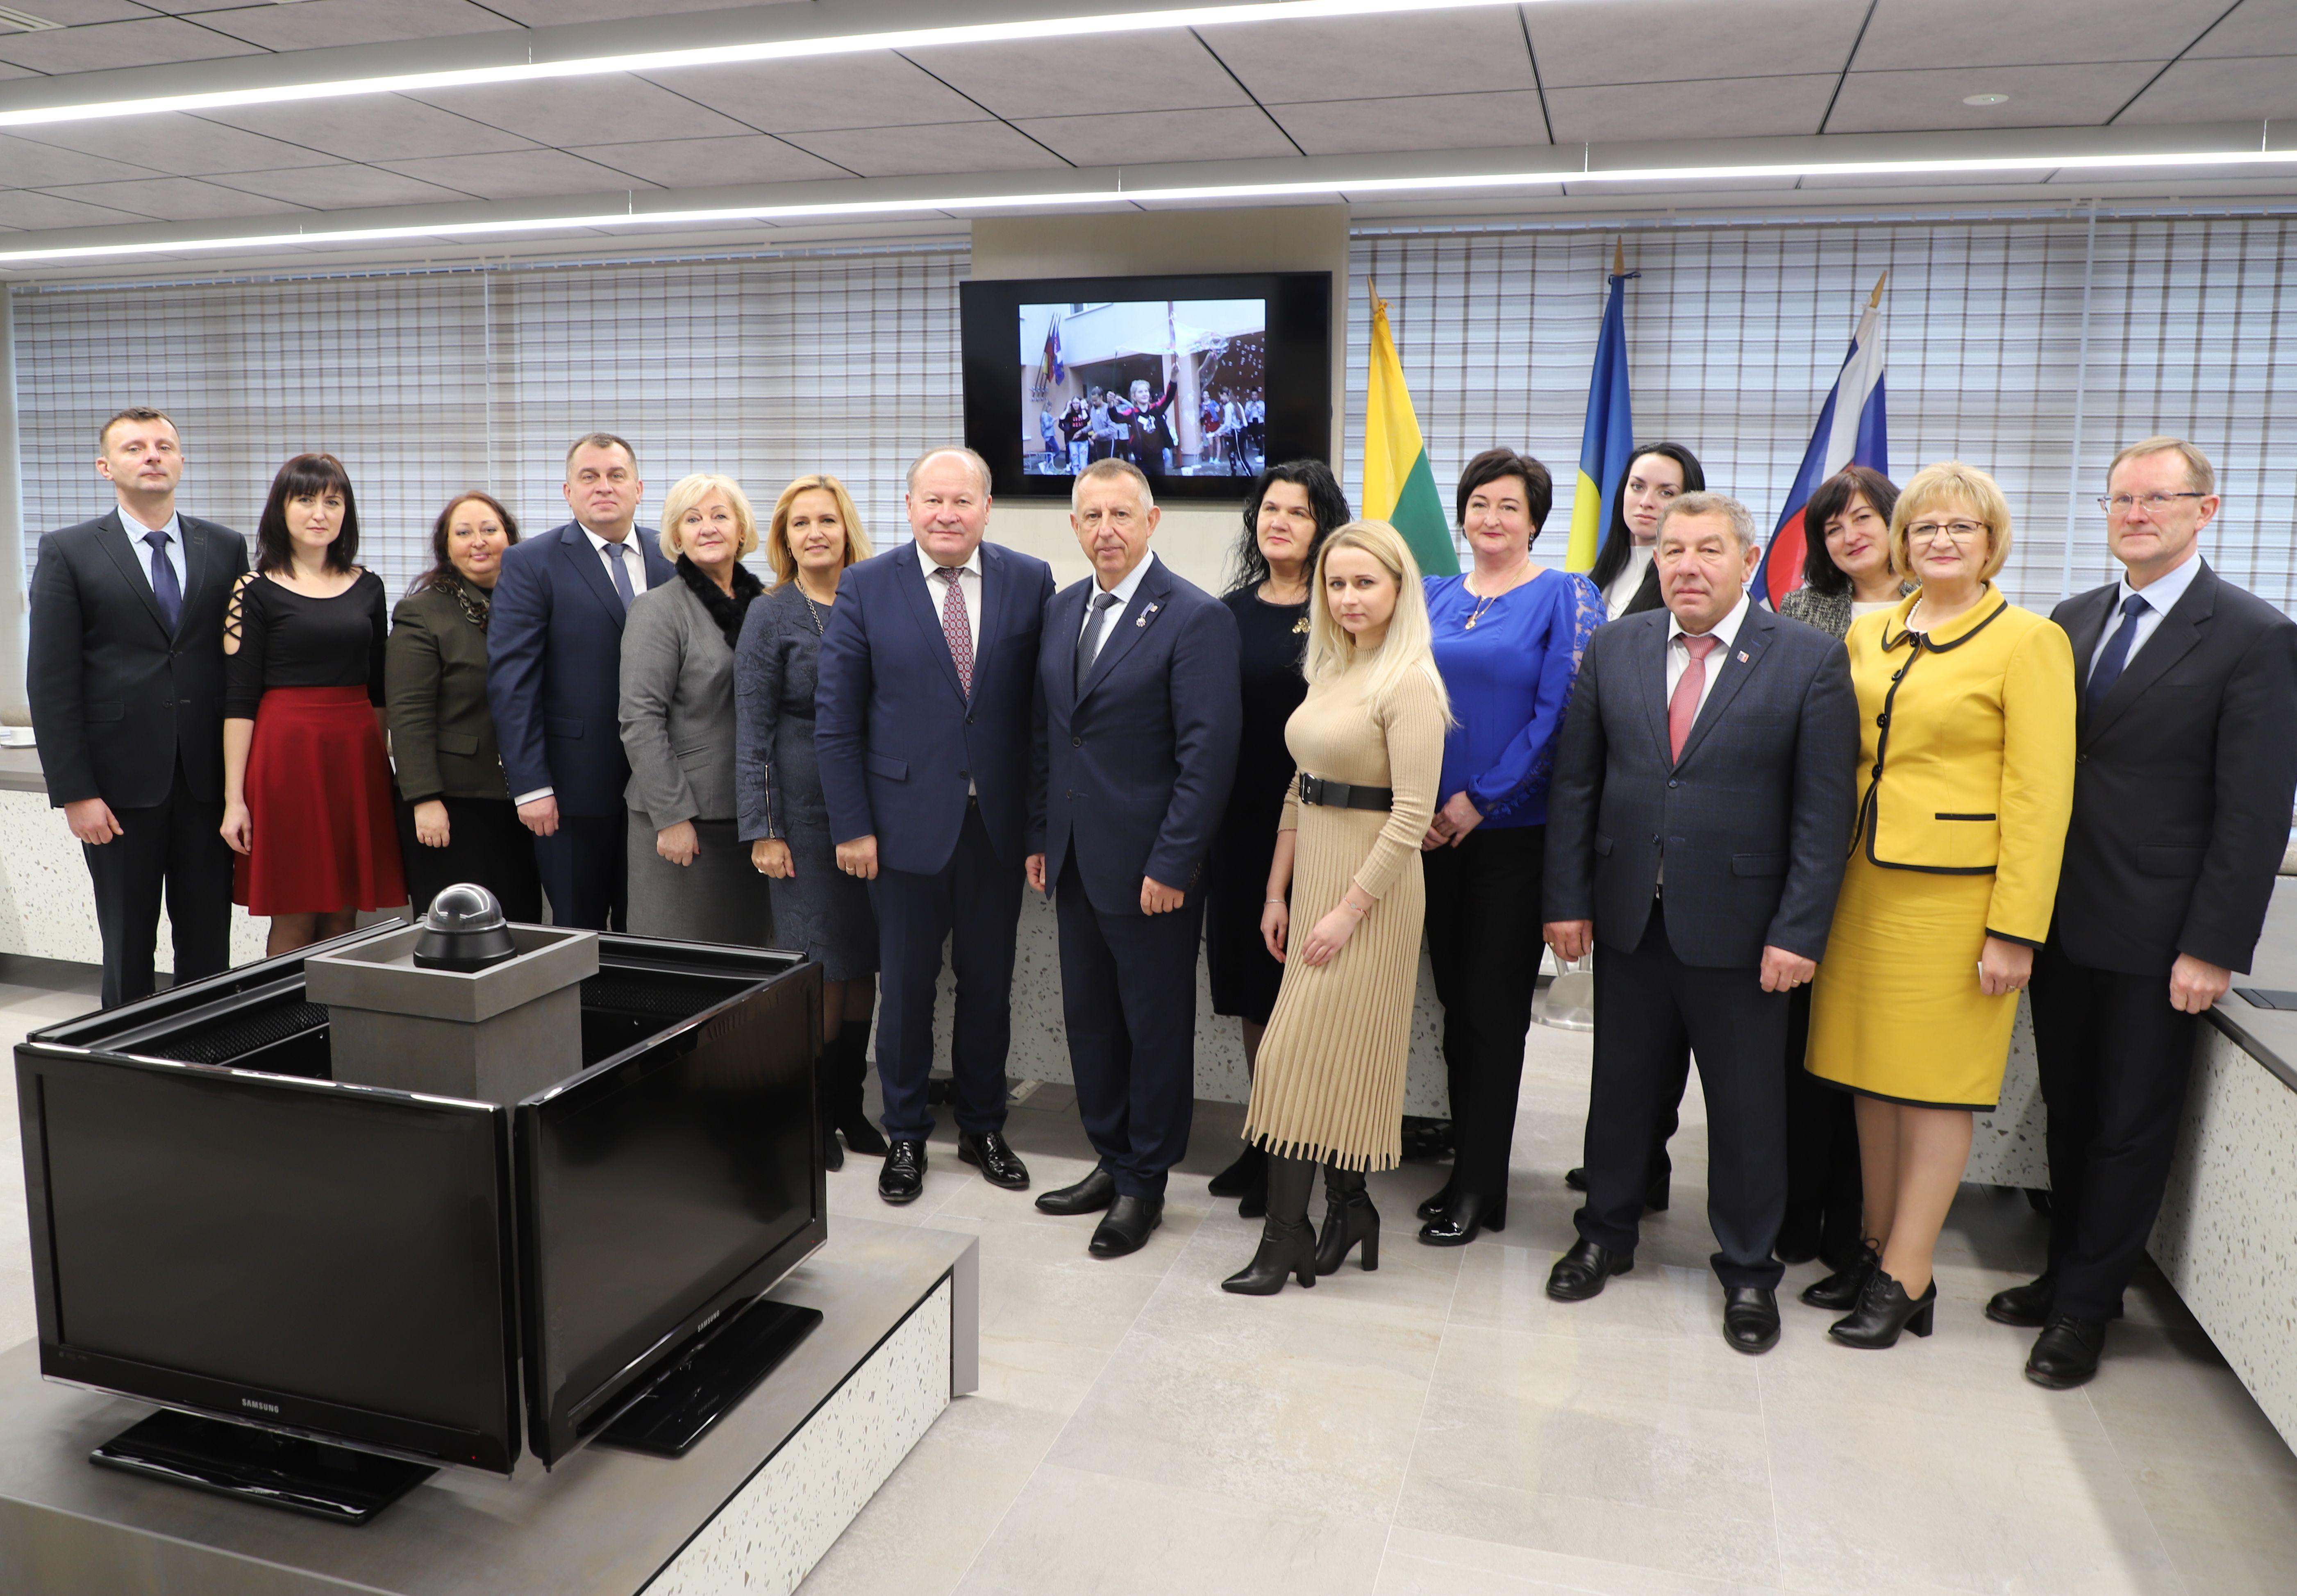 Ukrainos Užkarpatės 2019 delegacija Kauno rajono savivaldybėje | Kauno rajono savivaldybės nuotr.